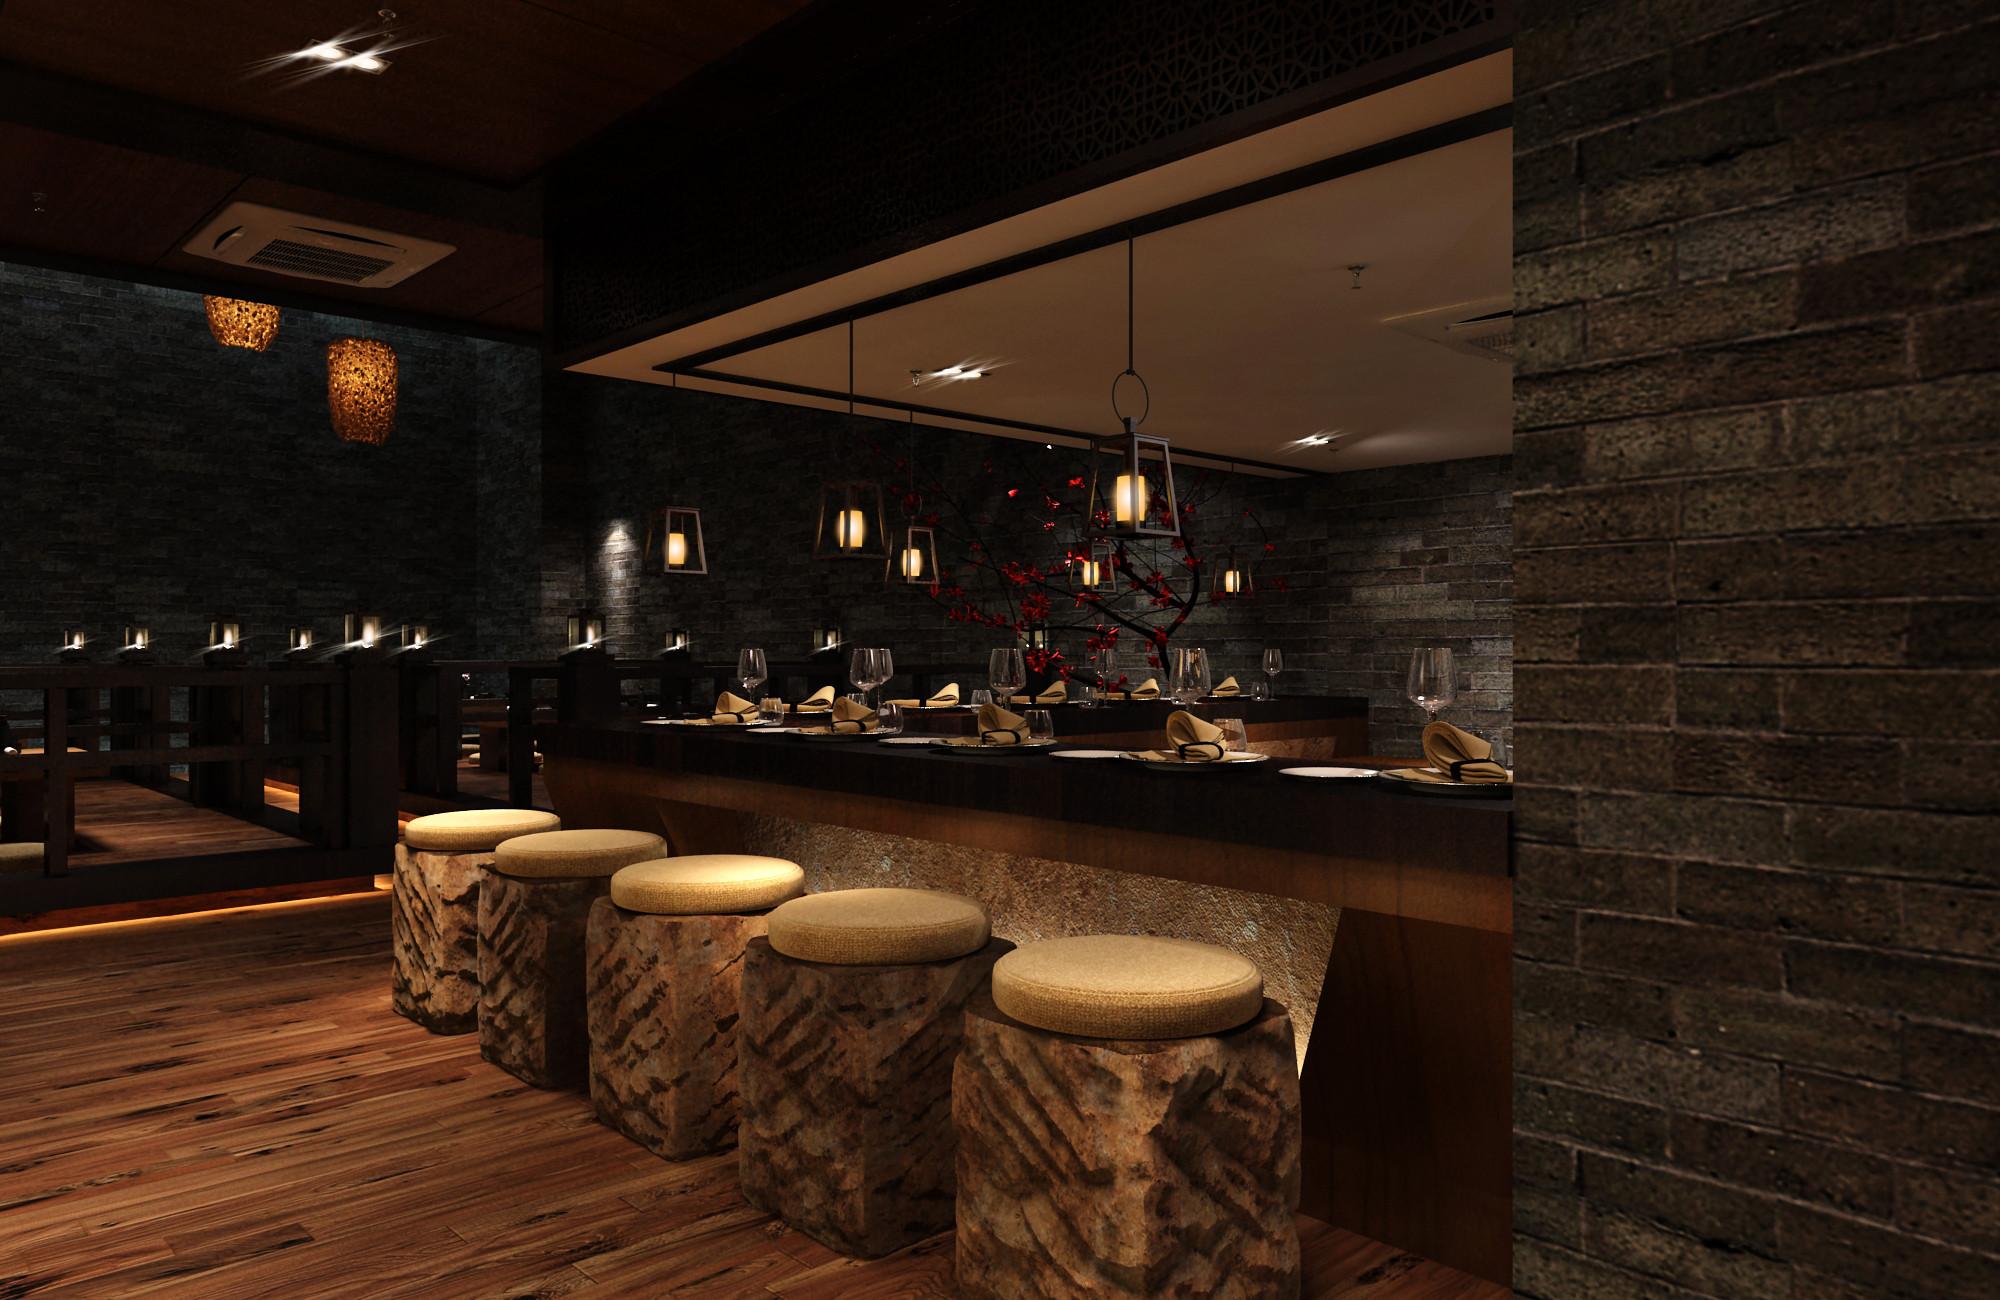 日式风格餐厅装修吧台设计